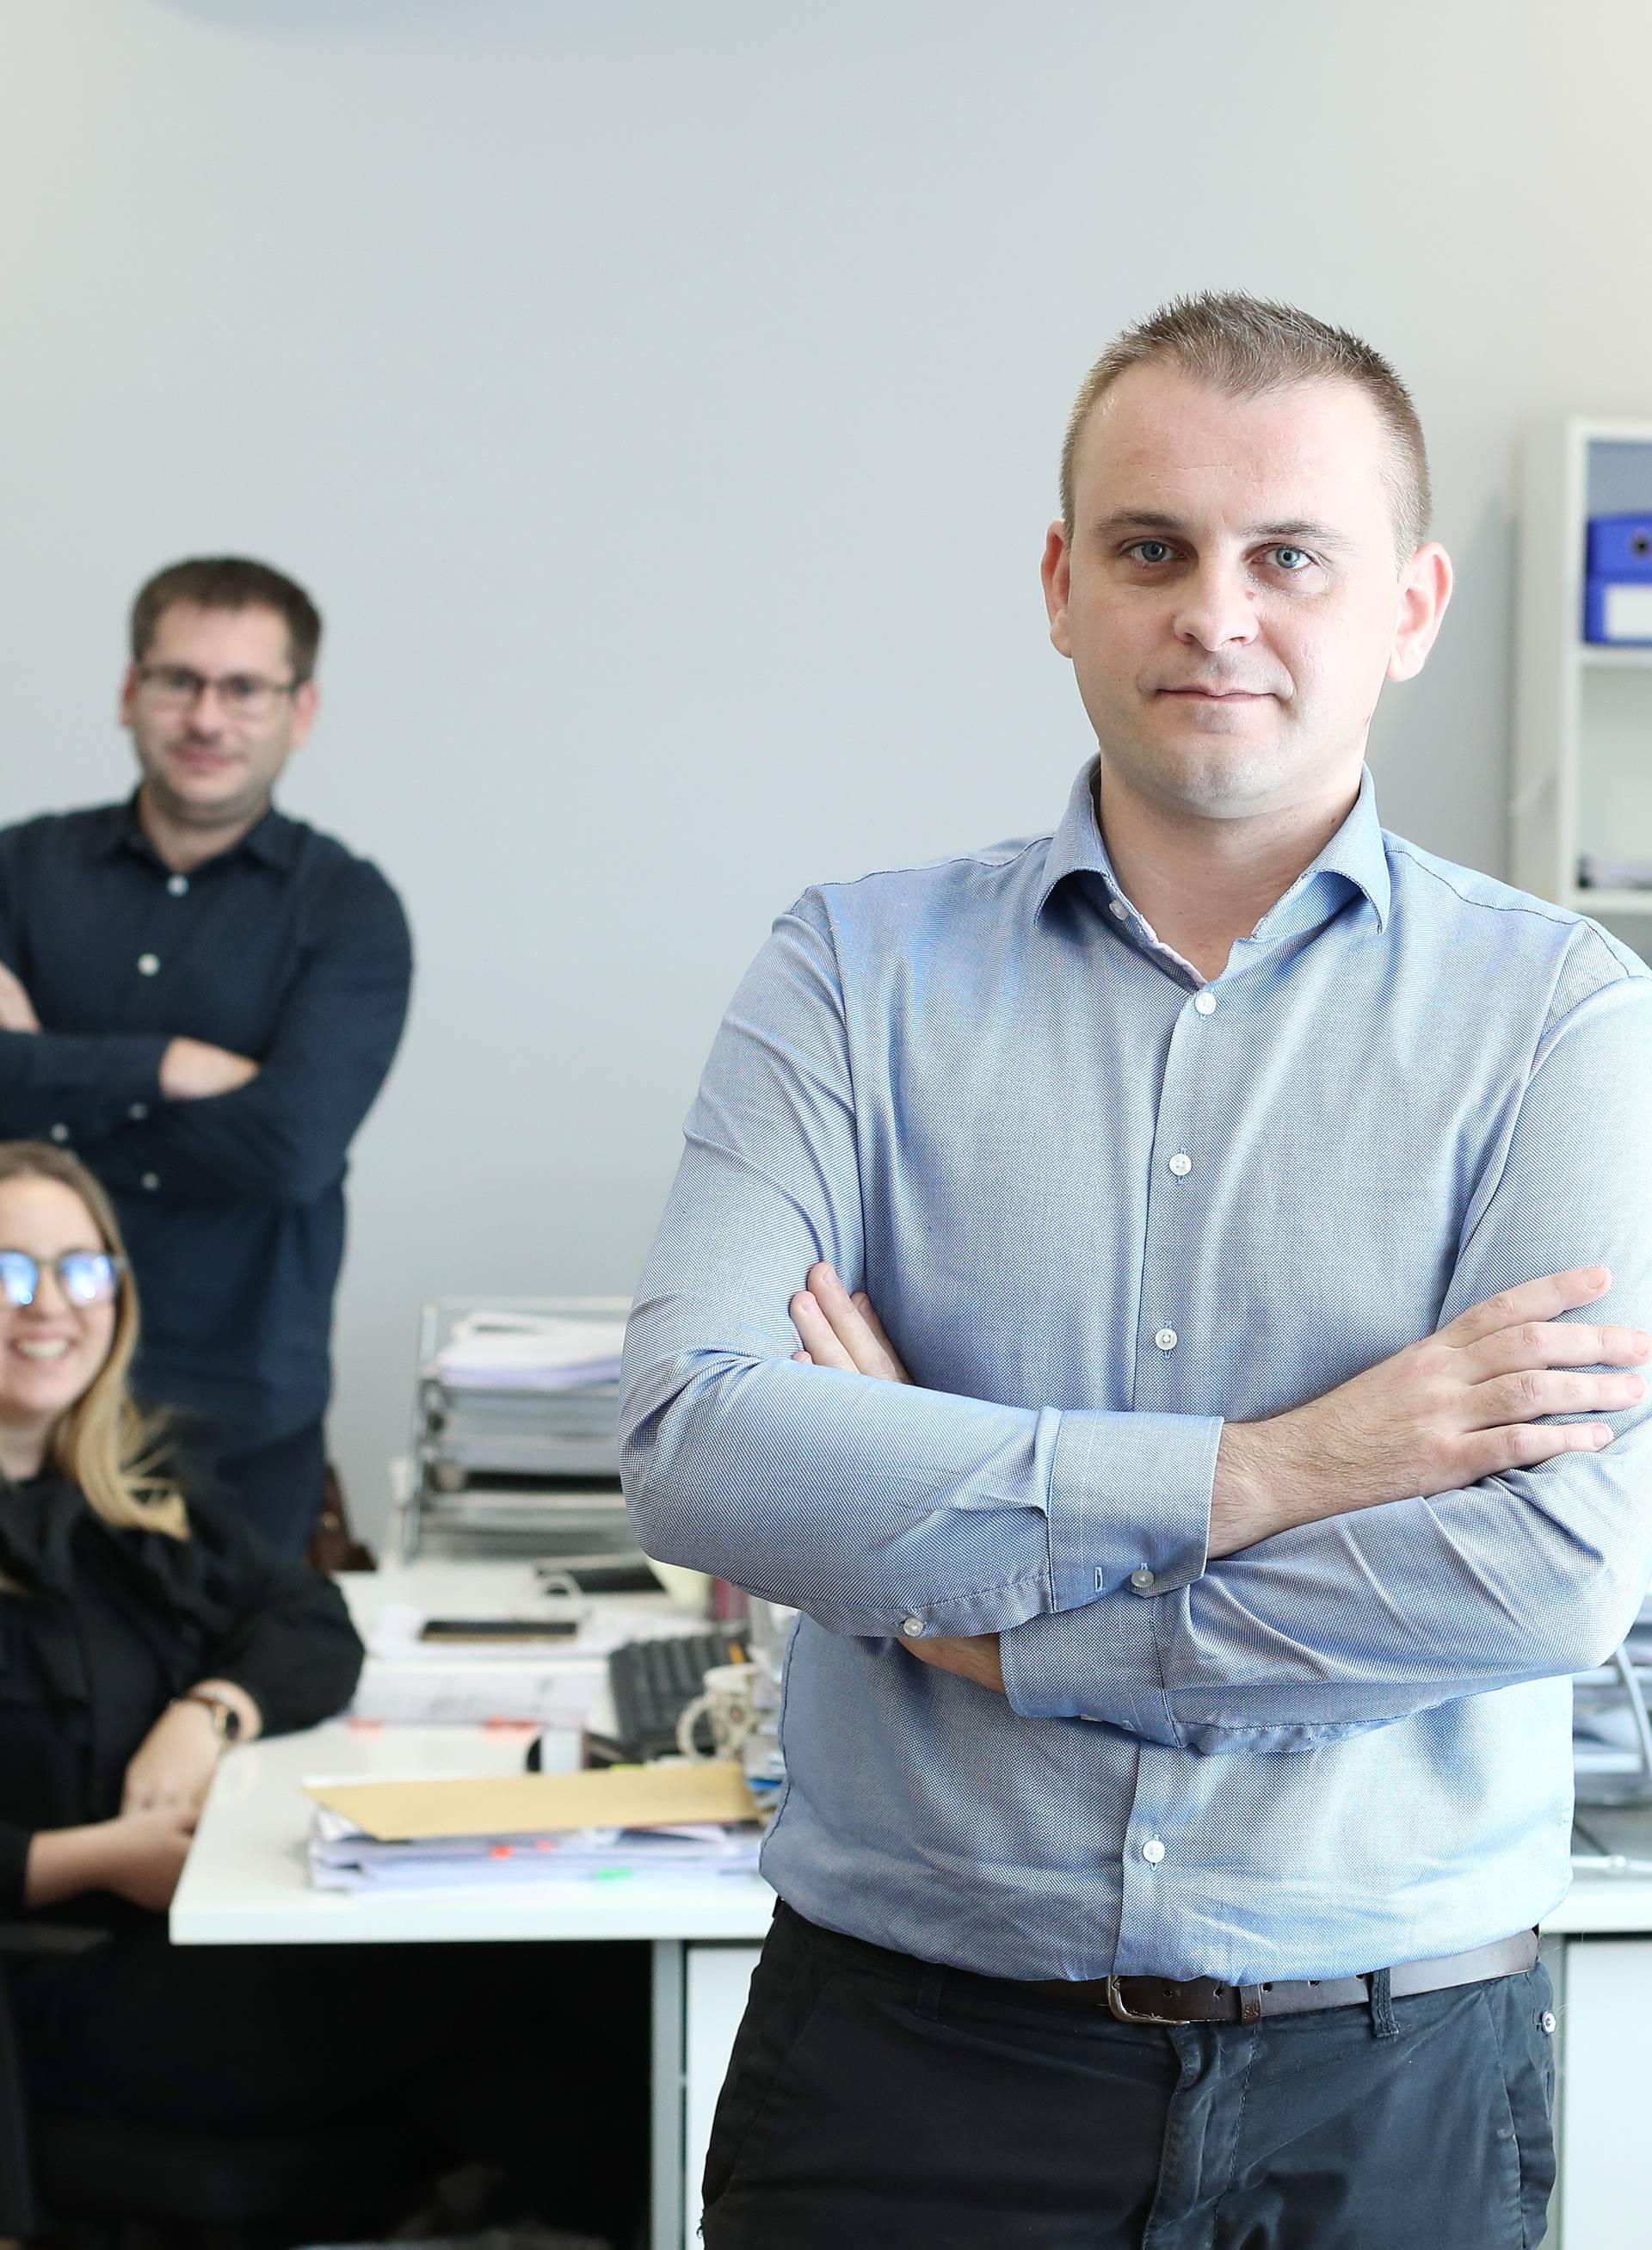 Tvrtka iz Zagreba: Već godinu radimo 4 dana tjedno i super je